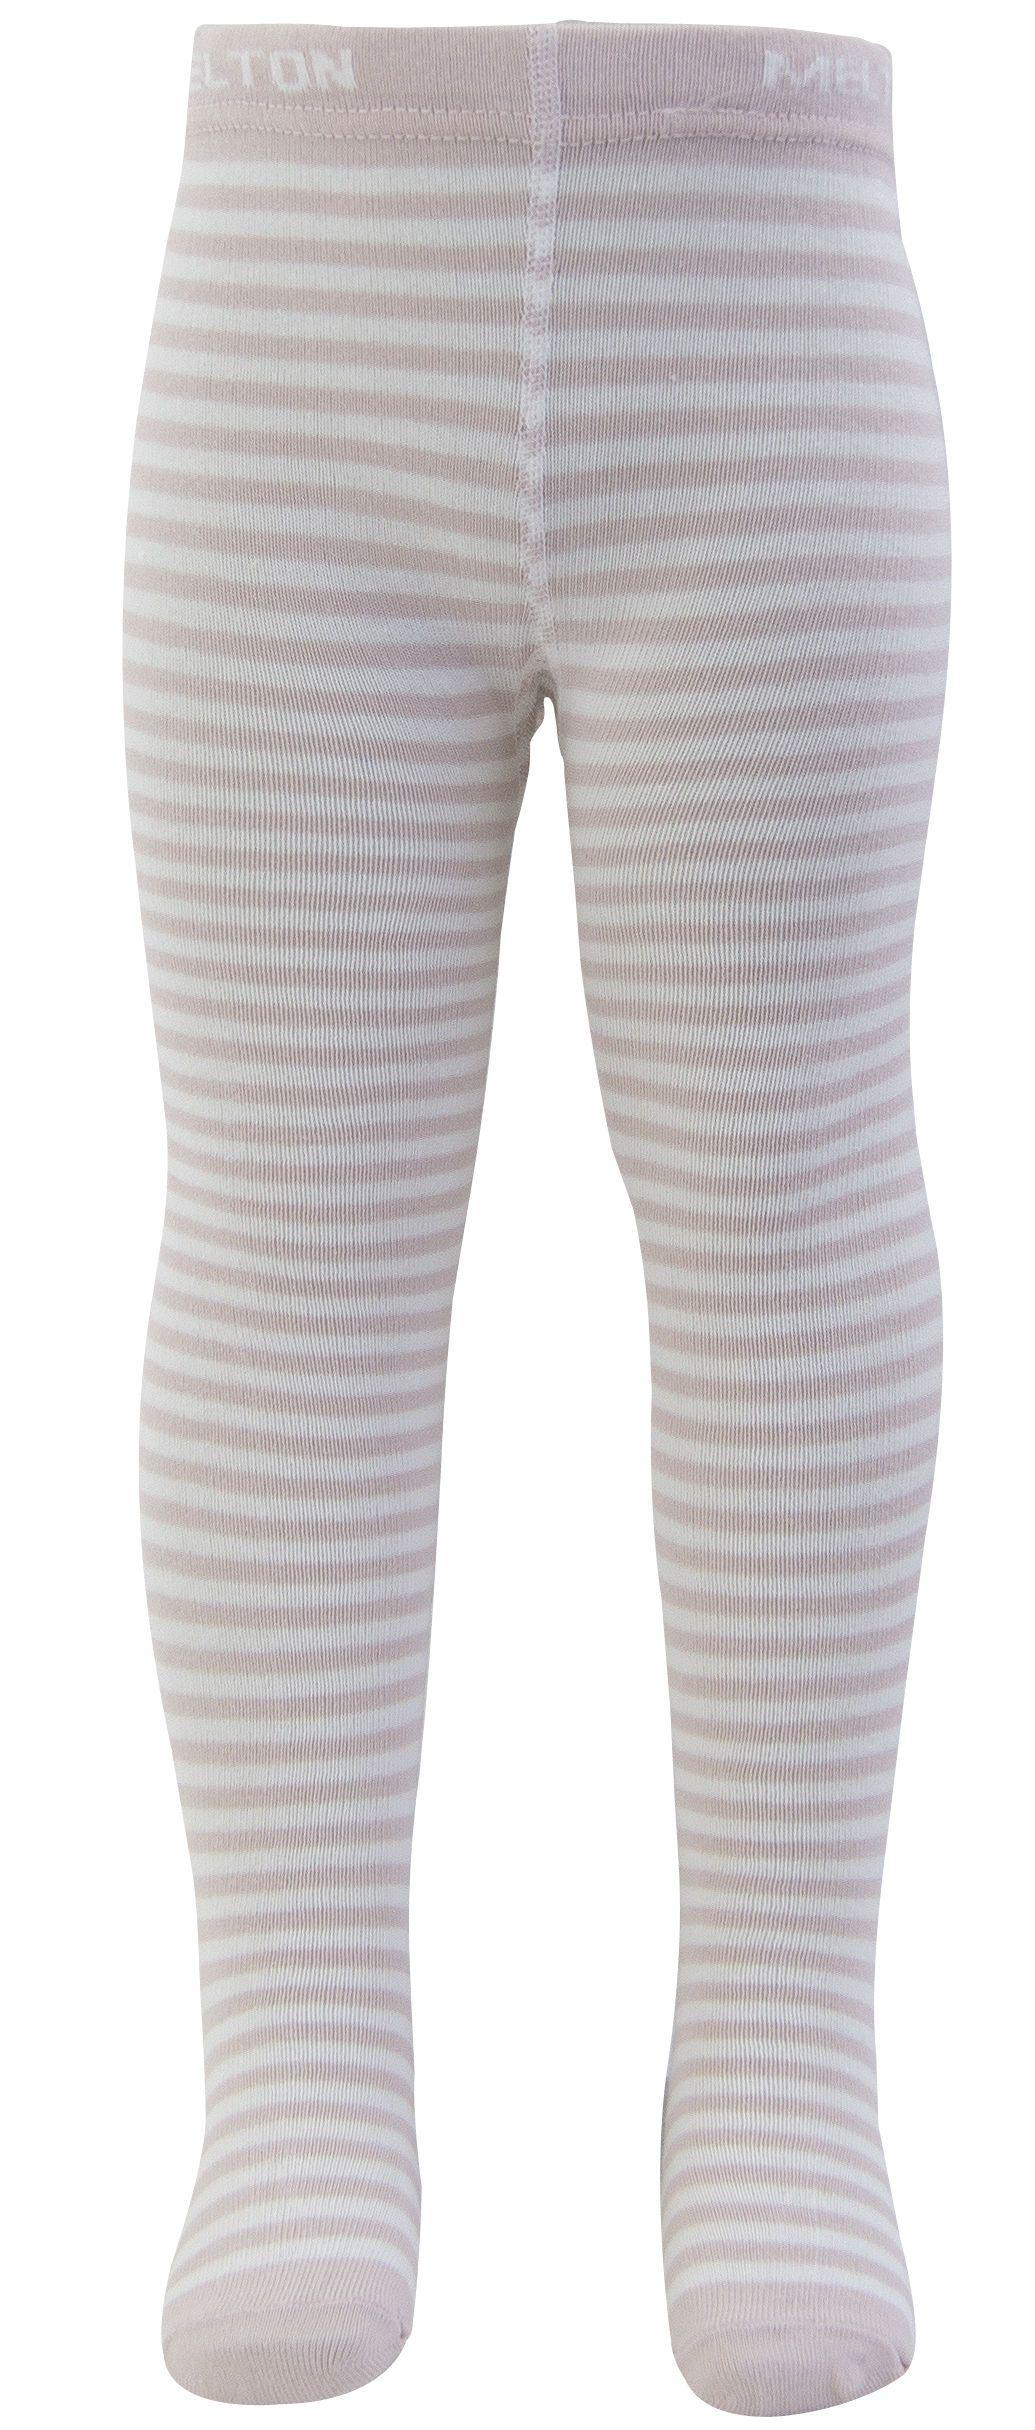 Strømpebukser fra Melton - Soft Rose stripes